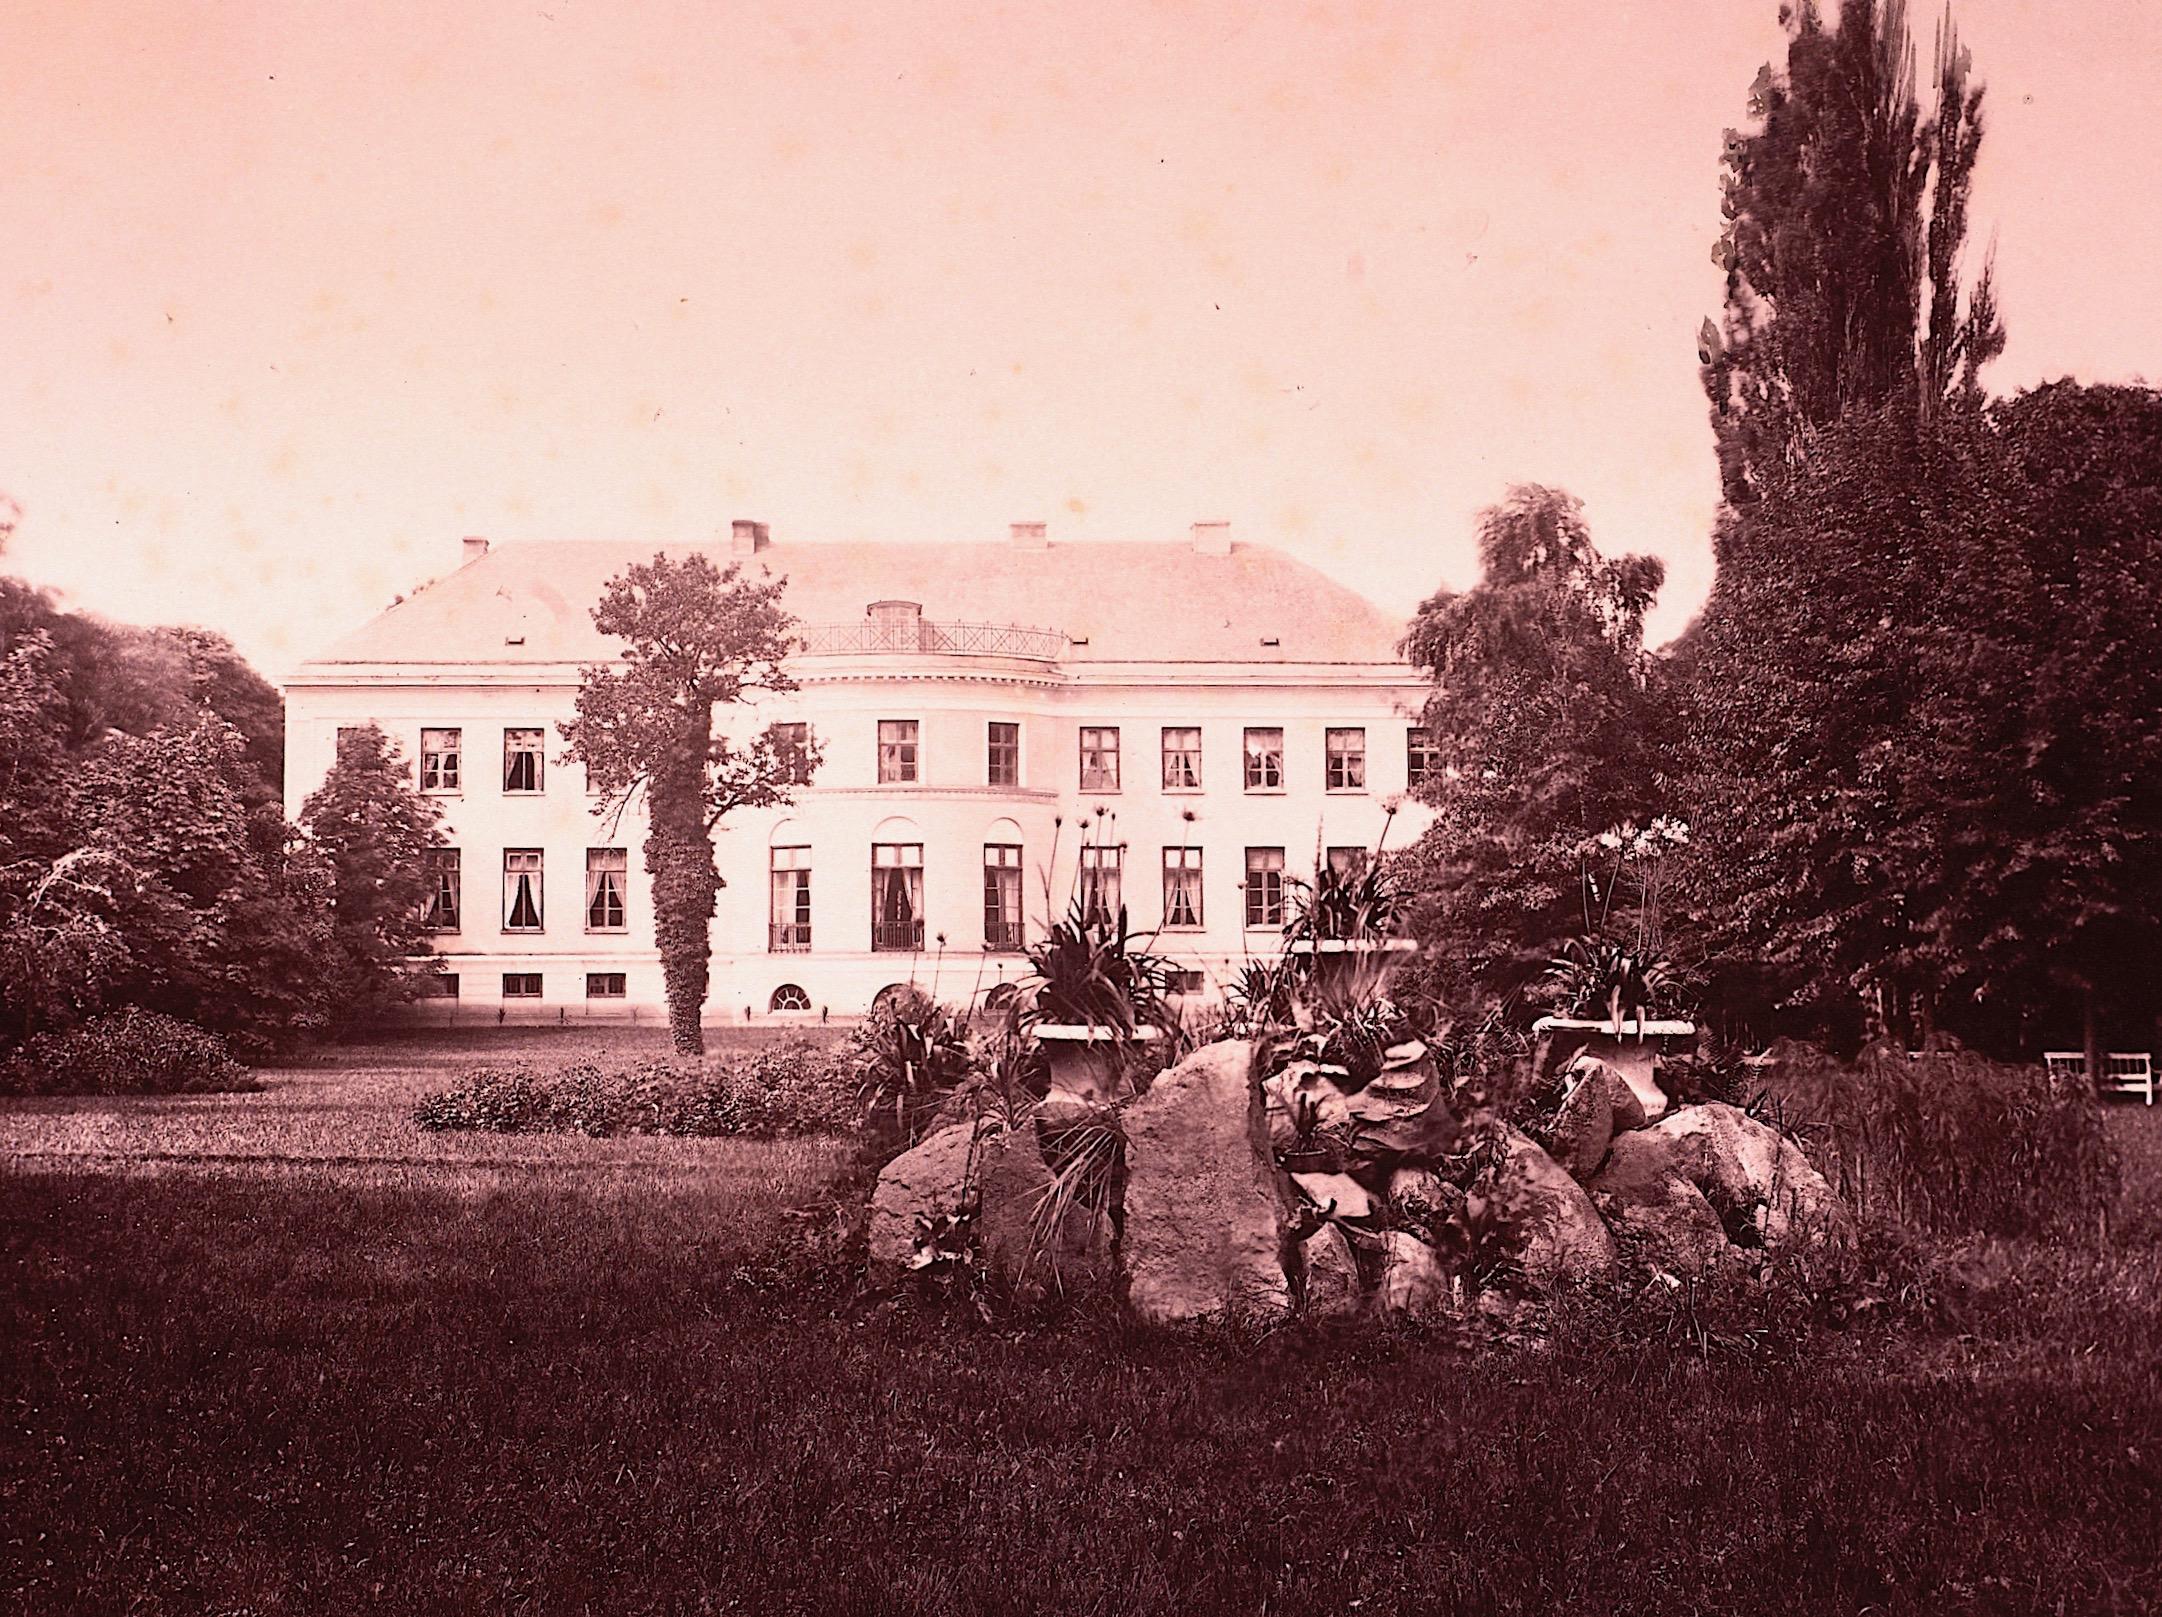 Herrenhaus Pritzier © Stiftung Mecklenburg, Foto: Atelier A. Mencke, Wandsbeck, um 1870